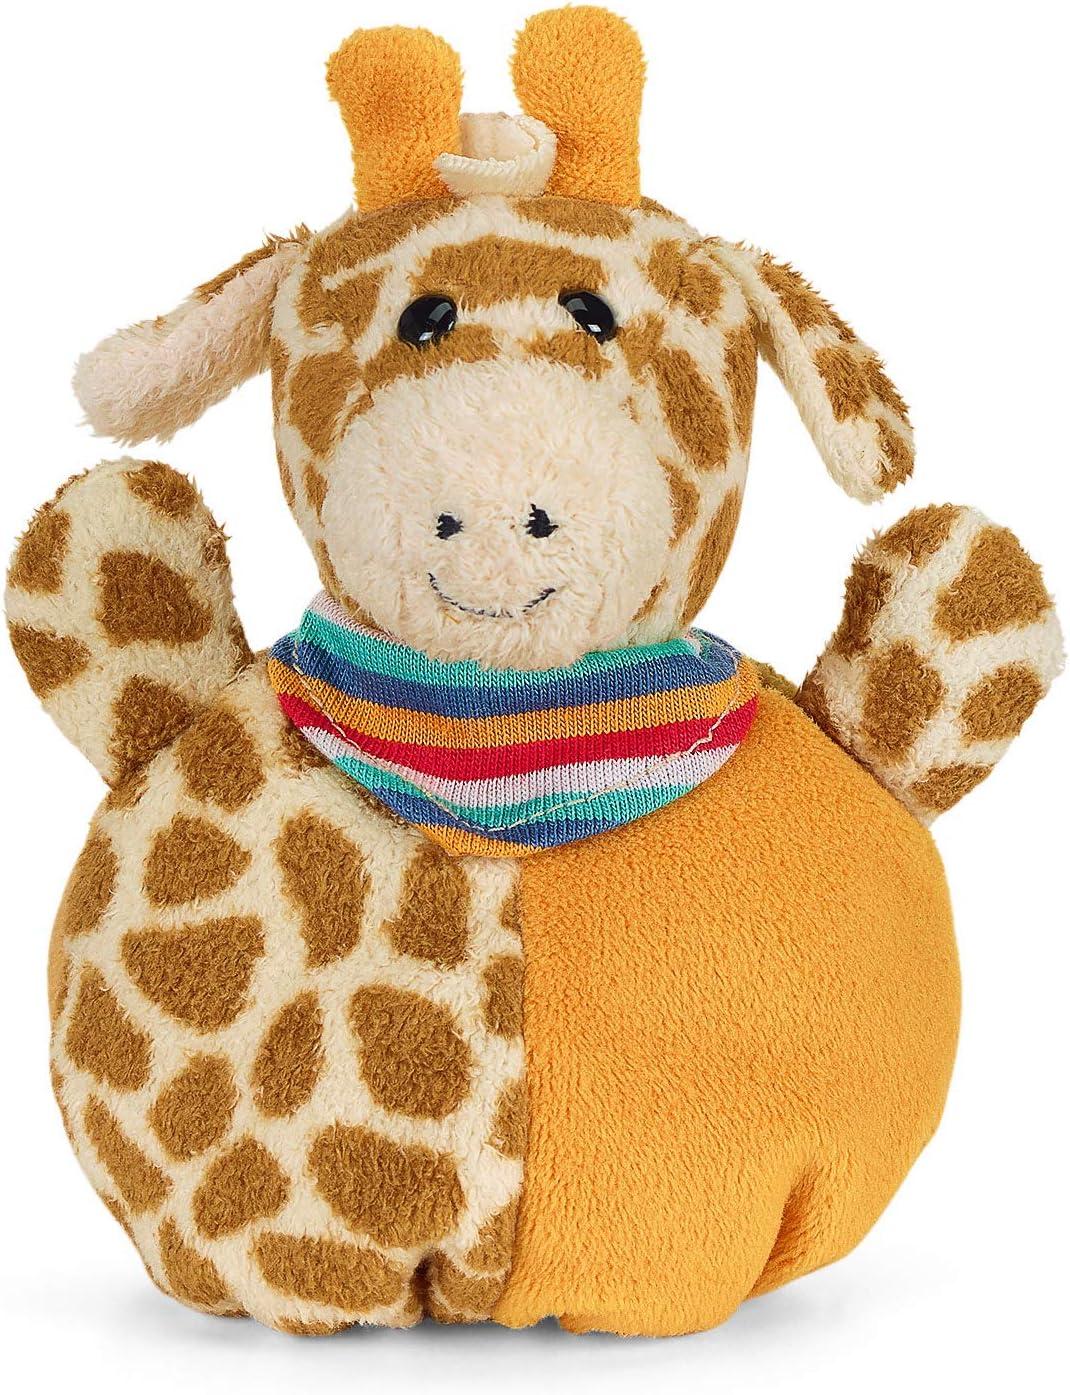 Sterntaler Kuschelzoo - Saco de Abrigo para Cochecito de bebé, diseño de Jirafa, Color Amarillo